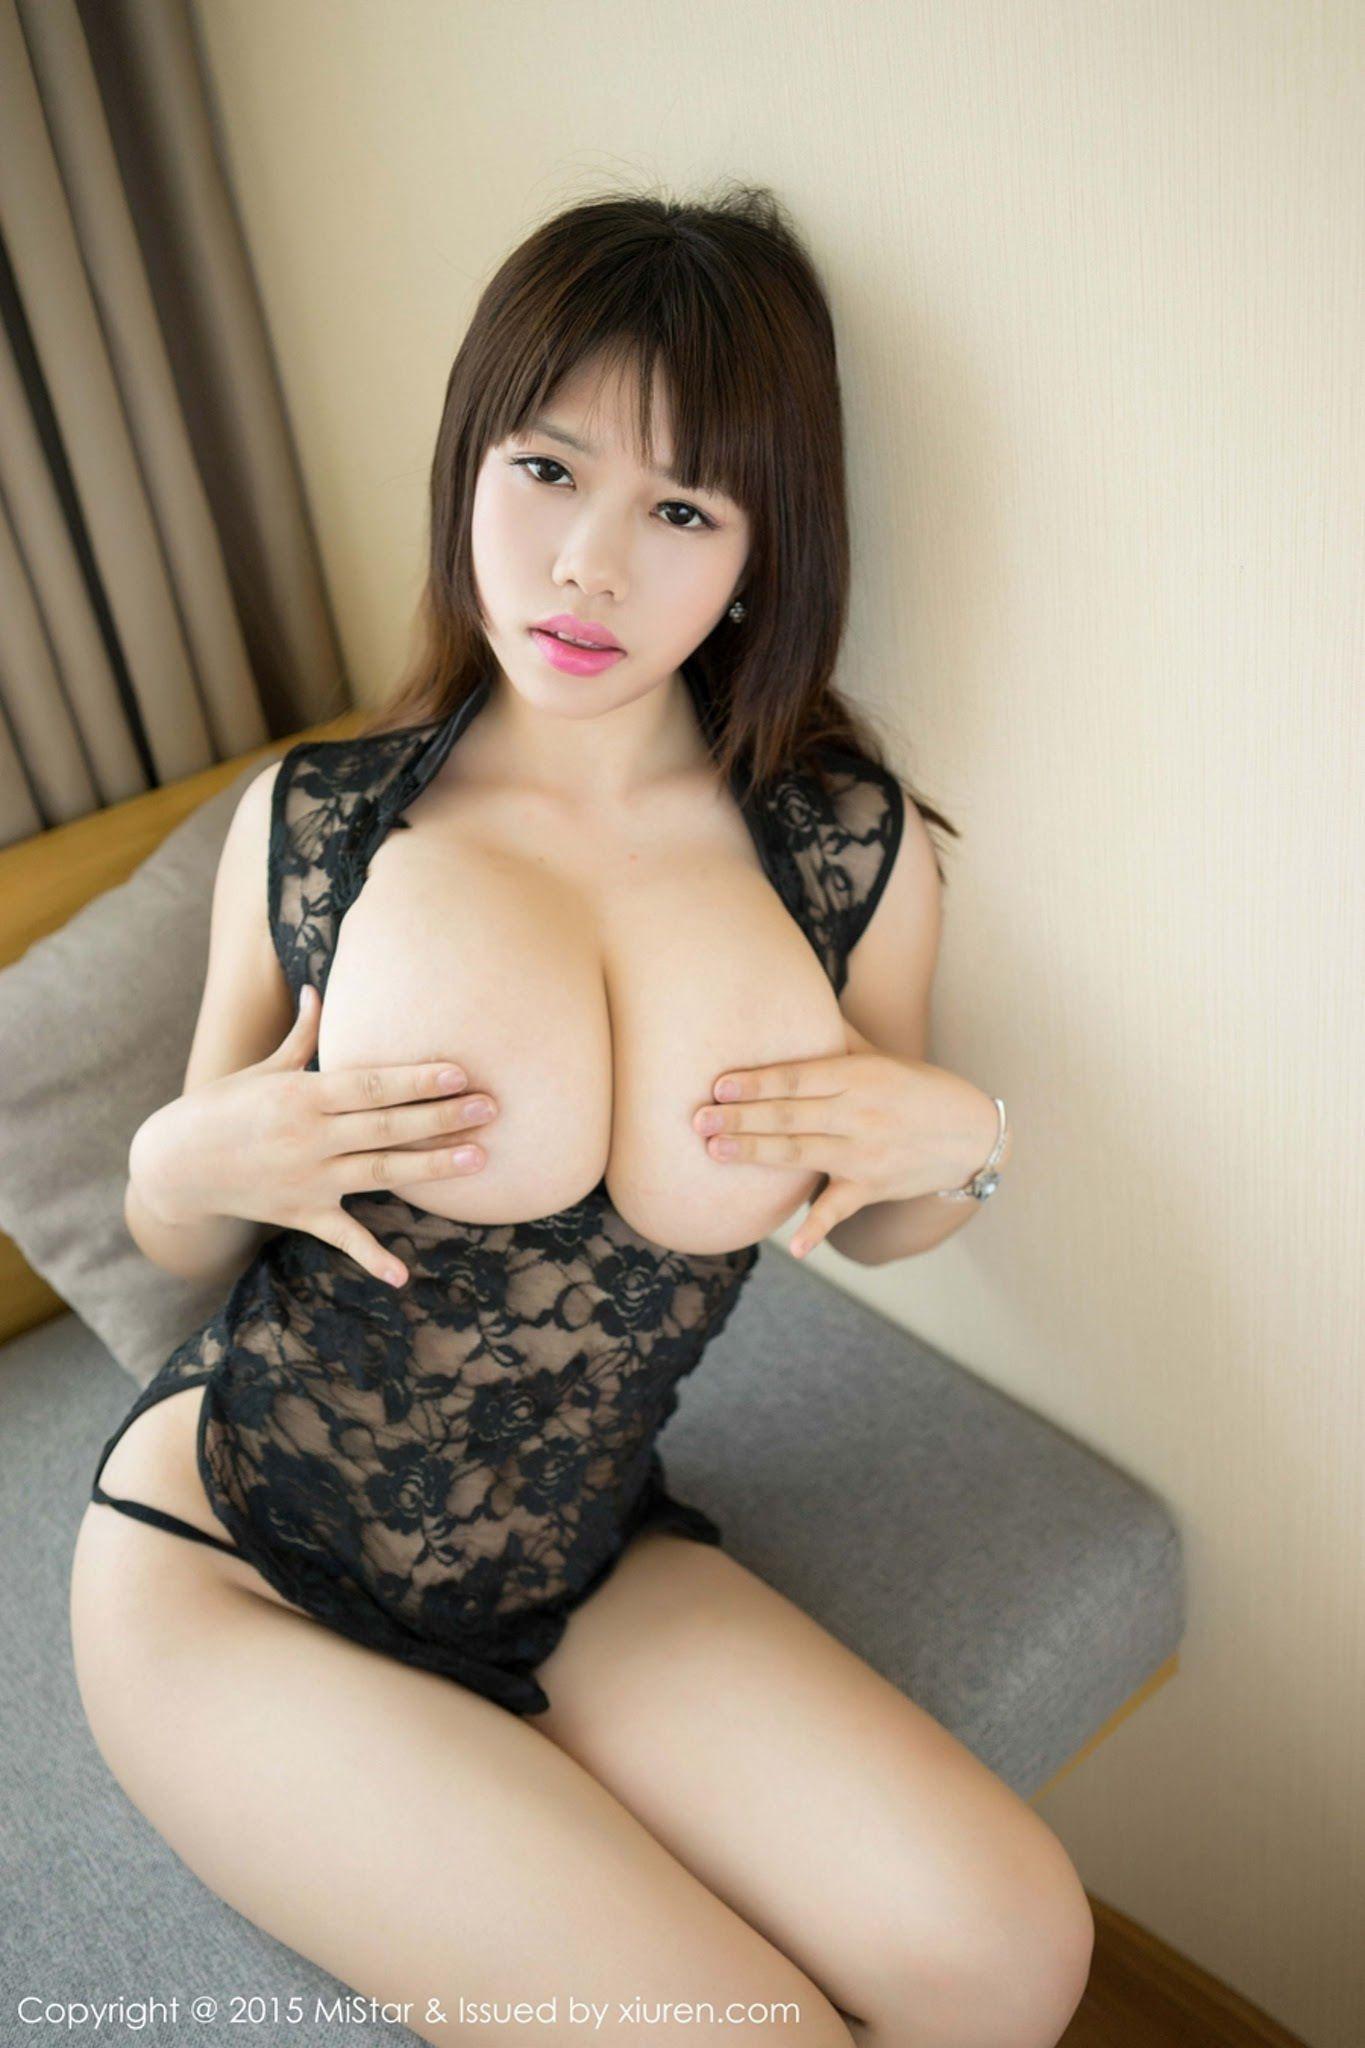 Asianboobs.blogspot.com